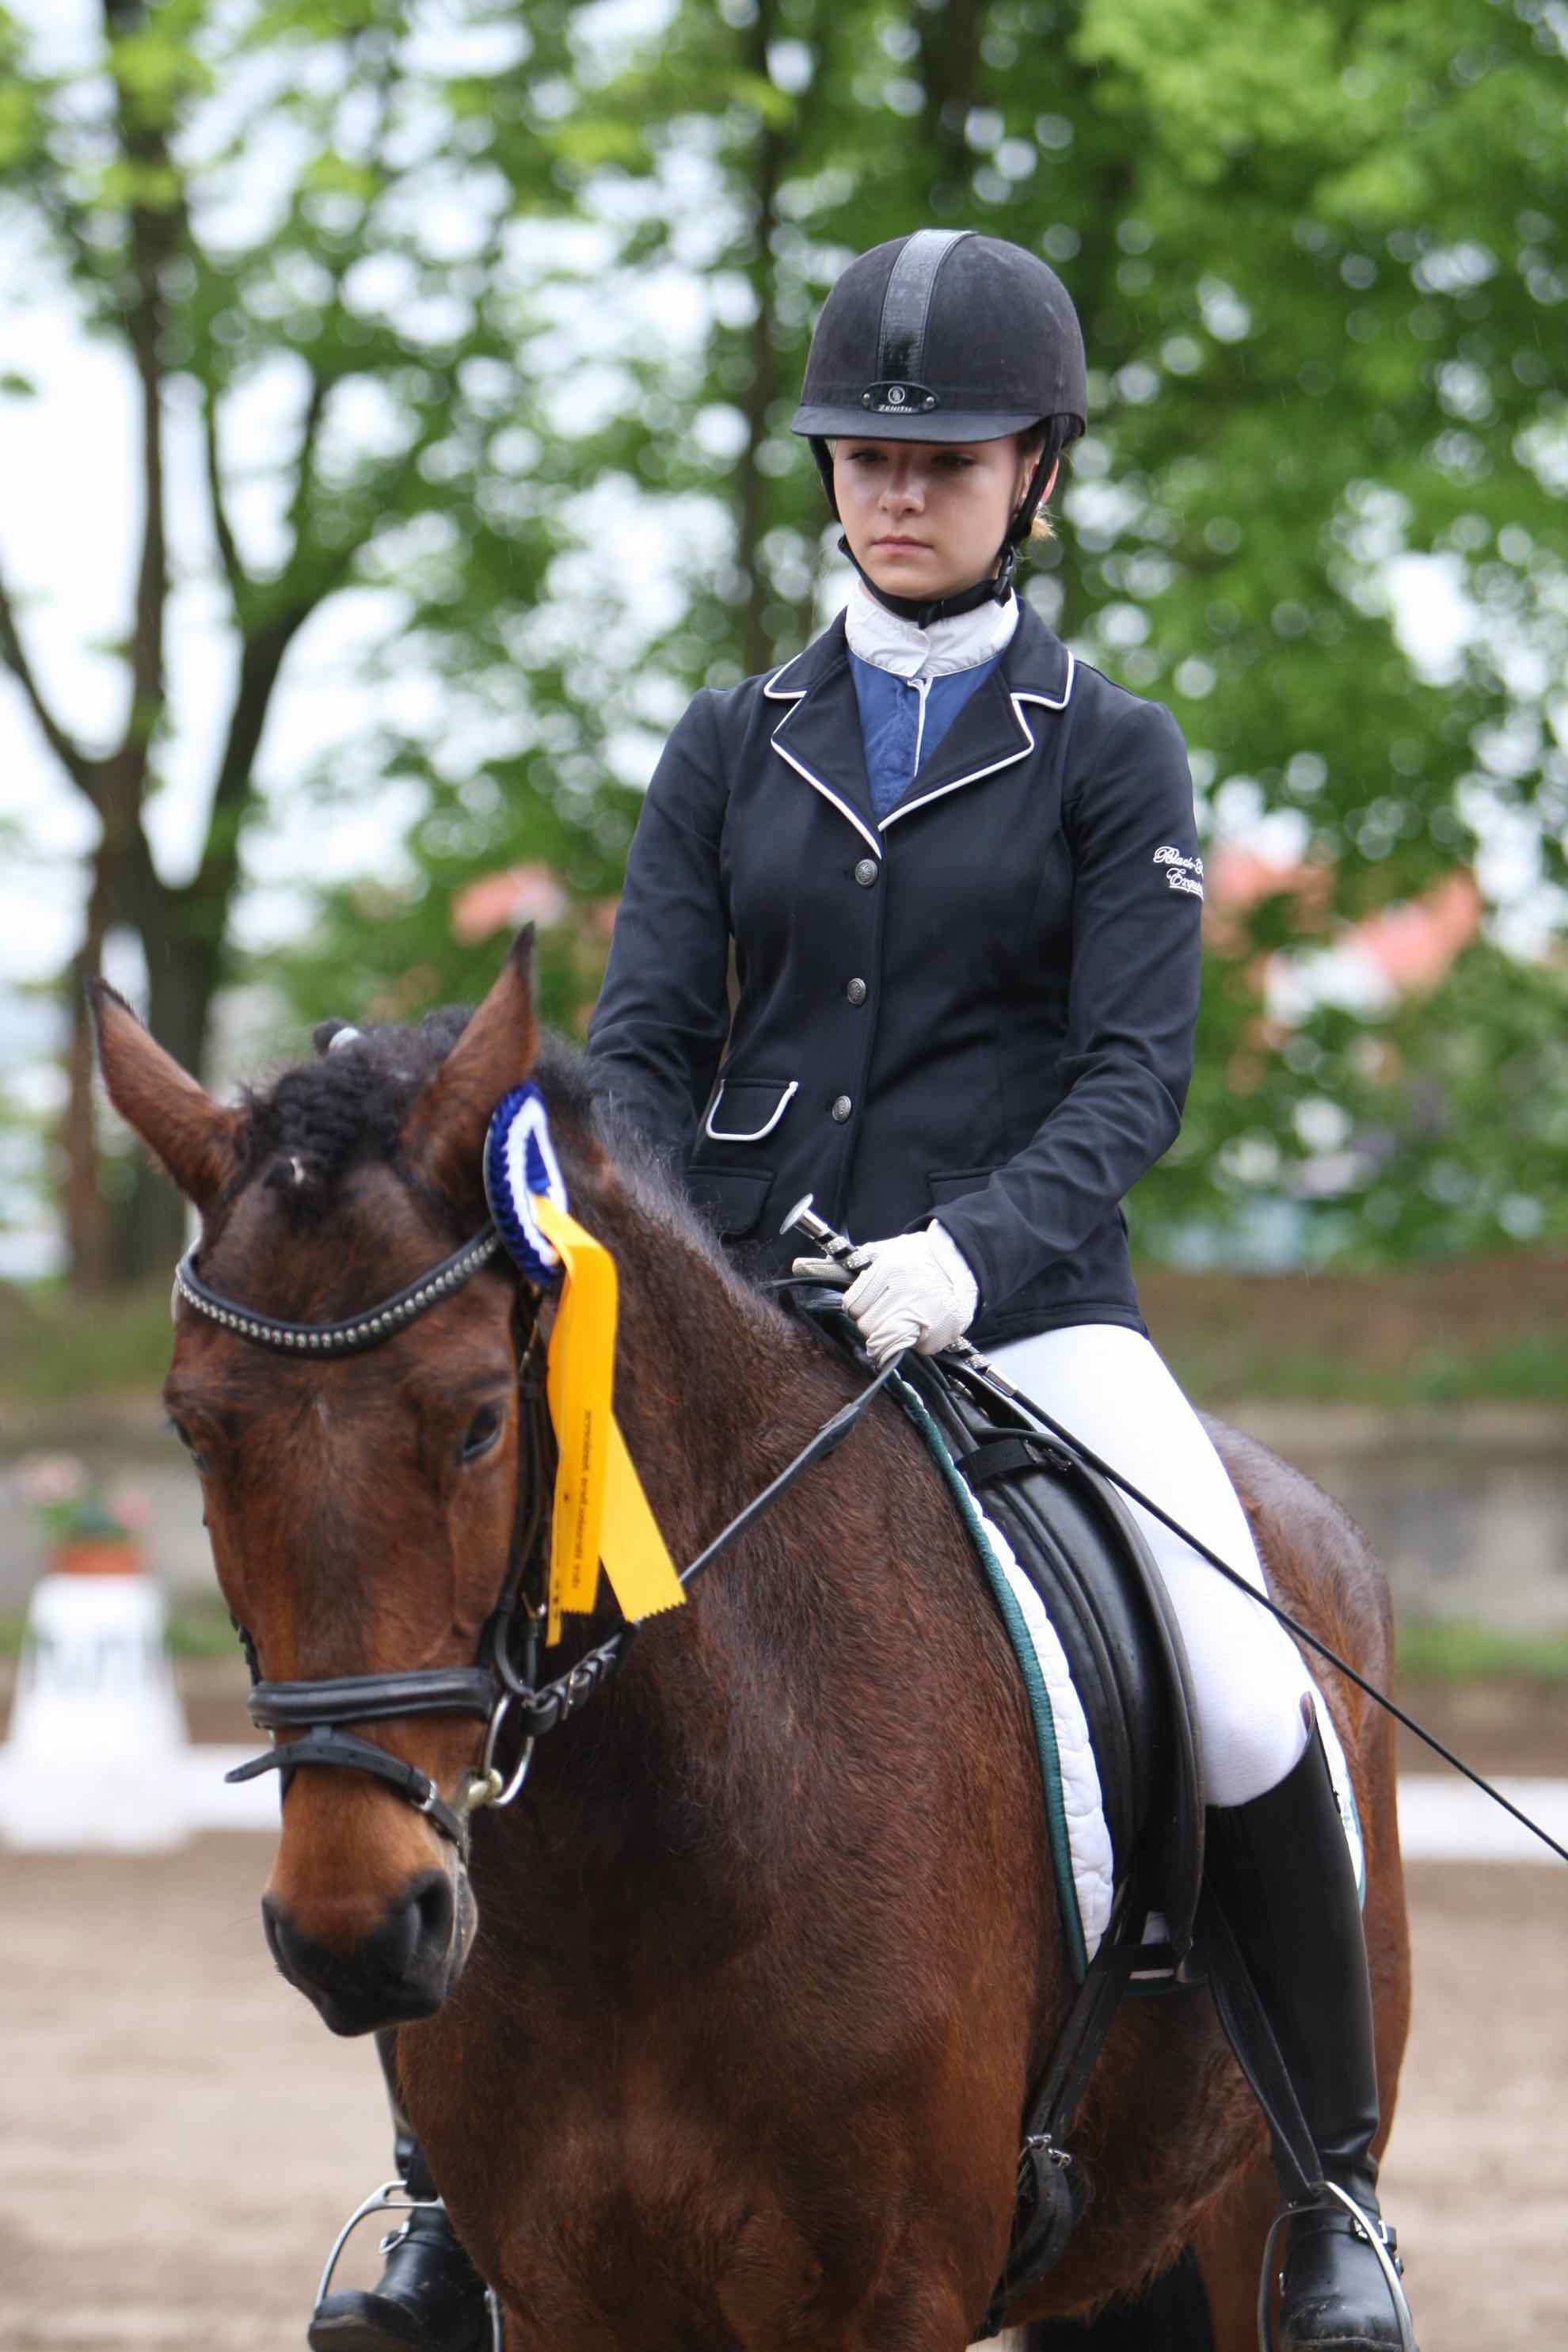 Prüfung 23 Dressur-Wettbewerb E - 1. Platz - Alicia Löffler aufCaruso von Breuberg - PSV Welsh-Gestüt Breuberg e.V